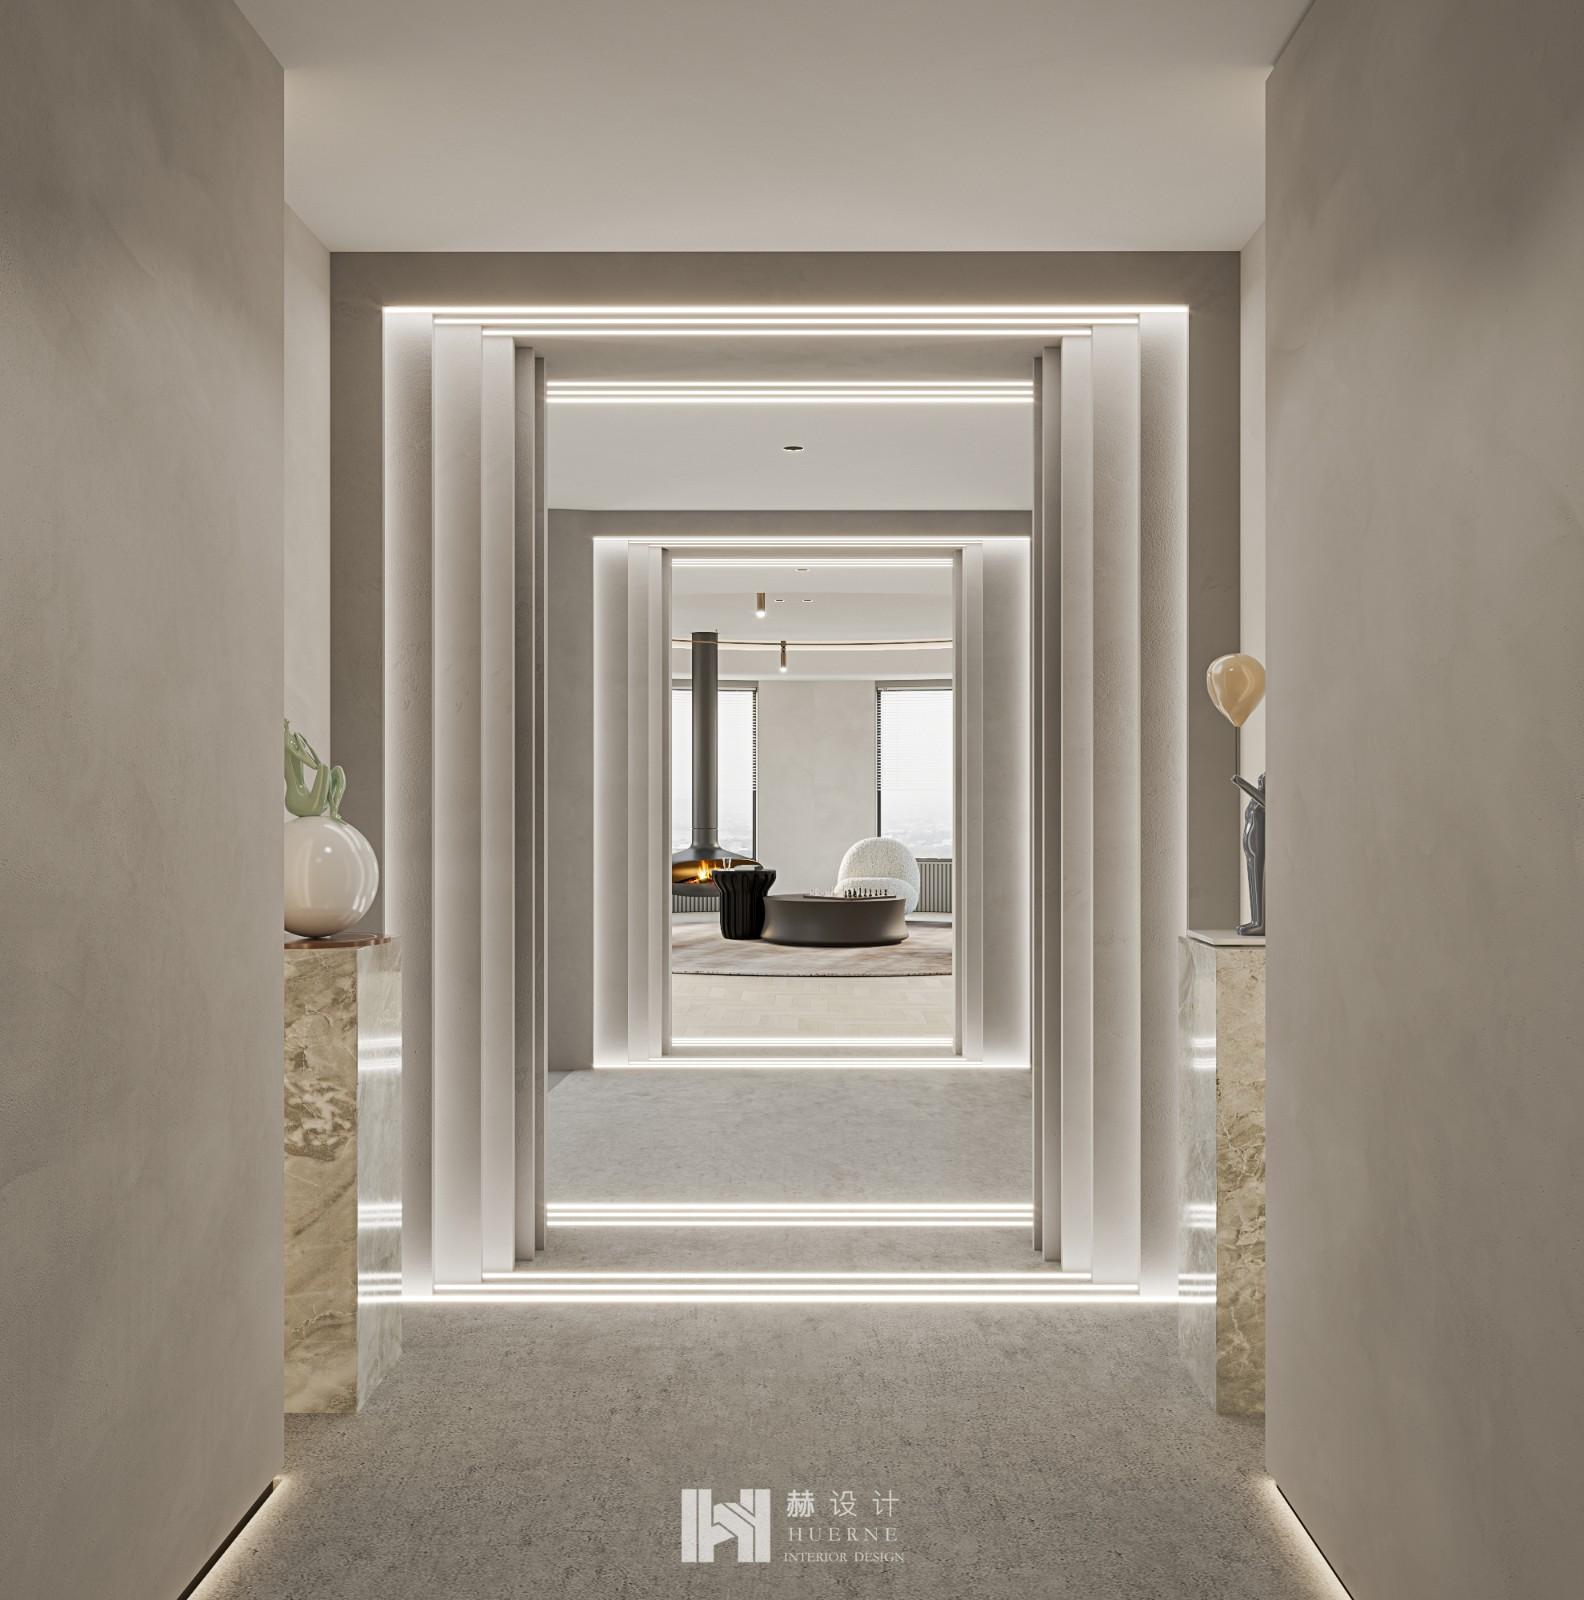 Huerne丨重塑空間關系,90後精英夫婦的傢通透又奢適!插图